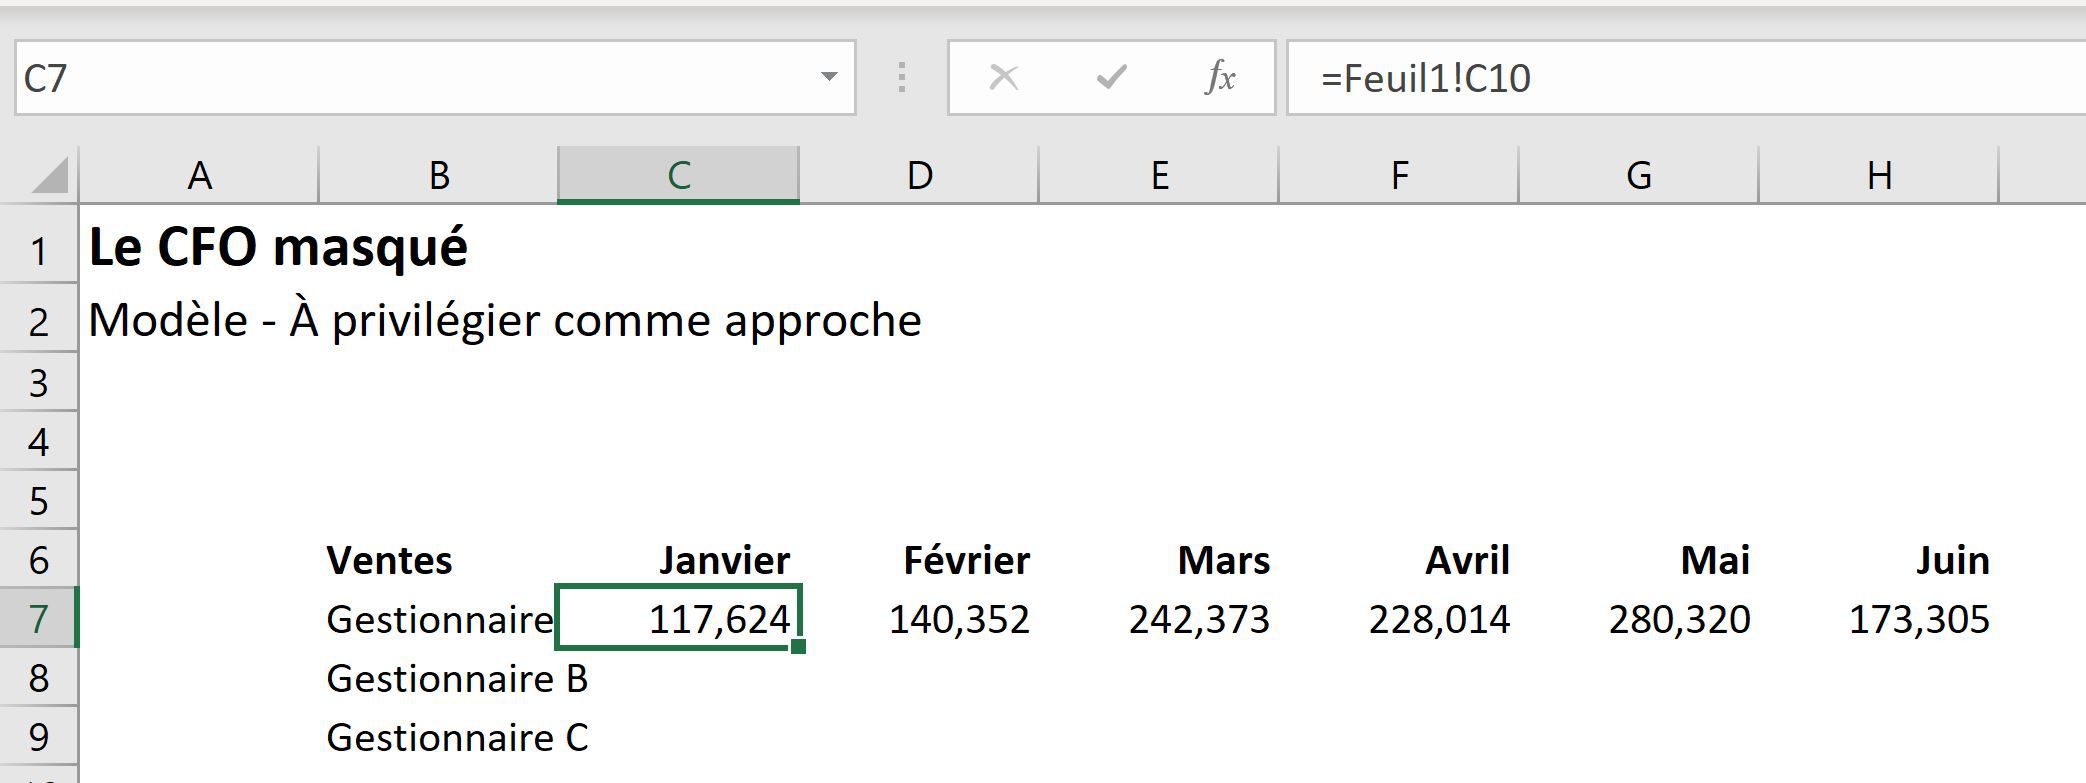 Fichiers liés dans Excel